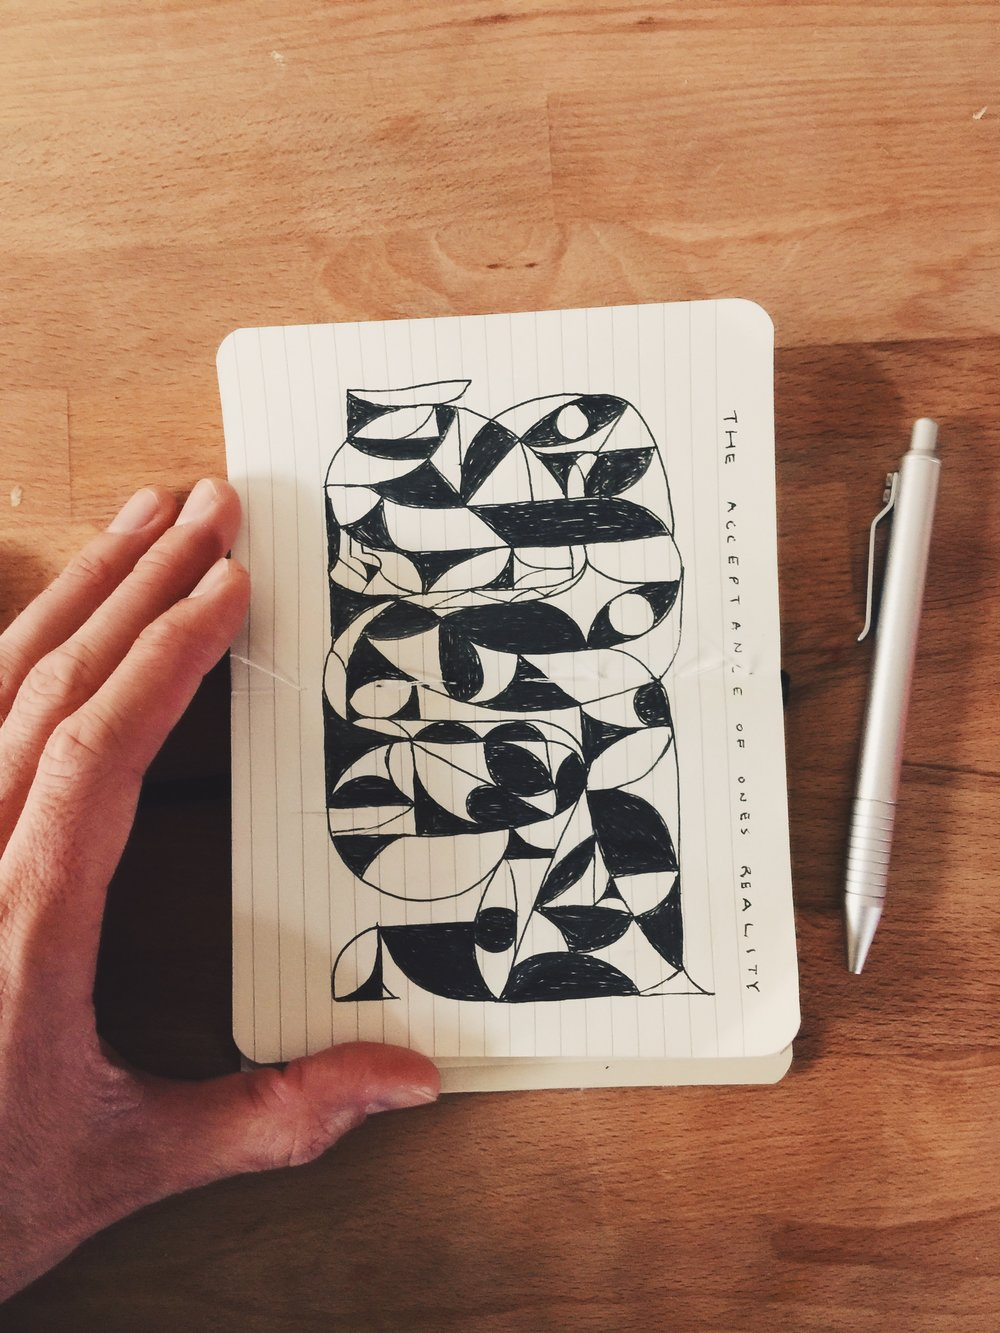 Original Ink Drawing by Kyle Steed